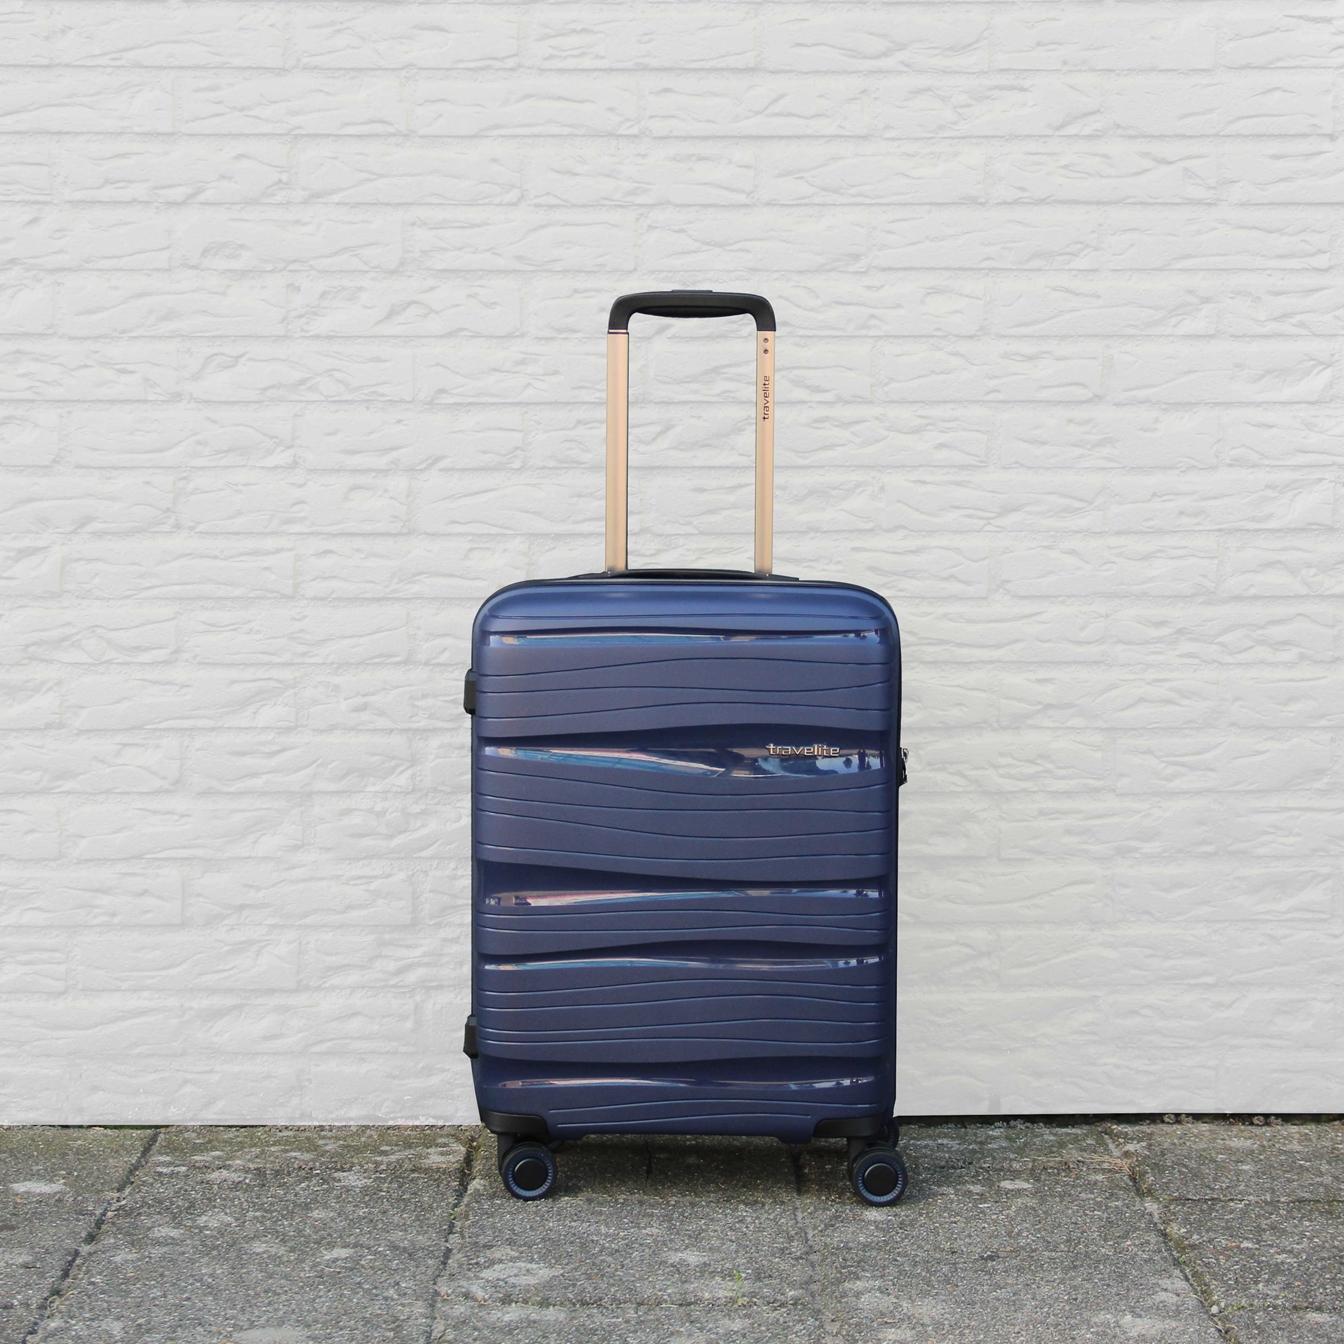 Travelite trolleys